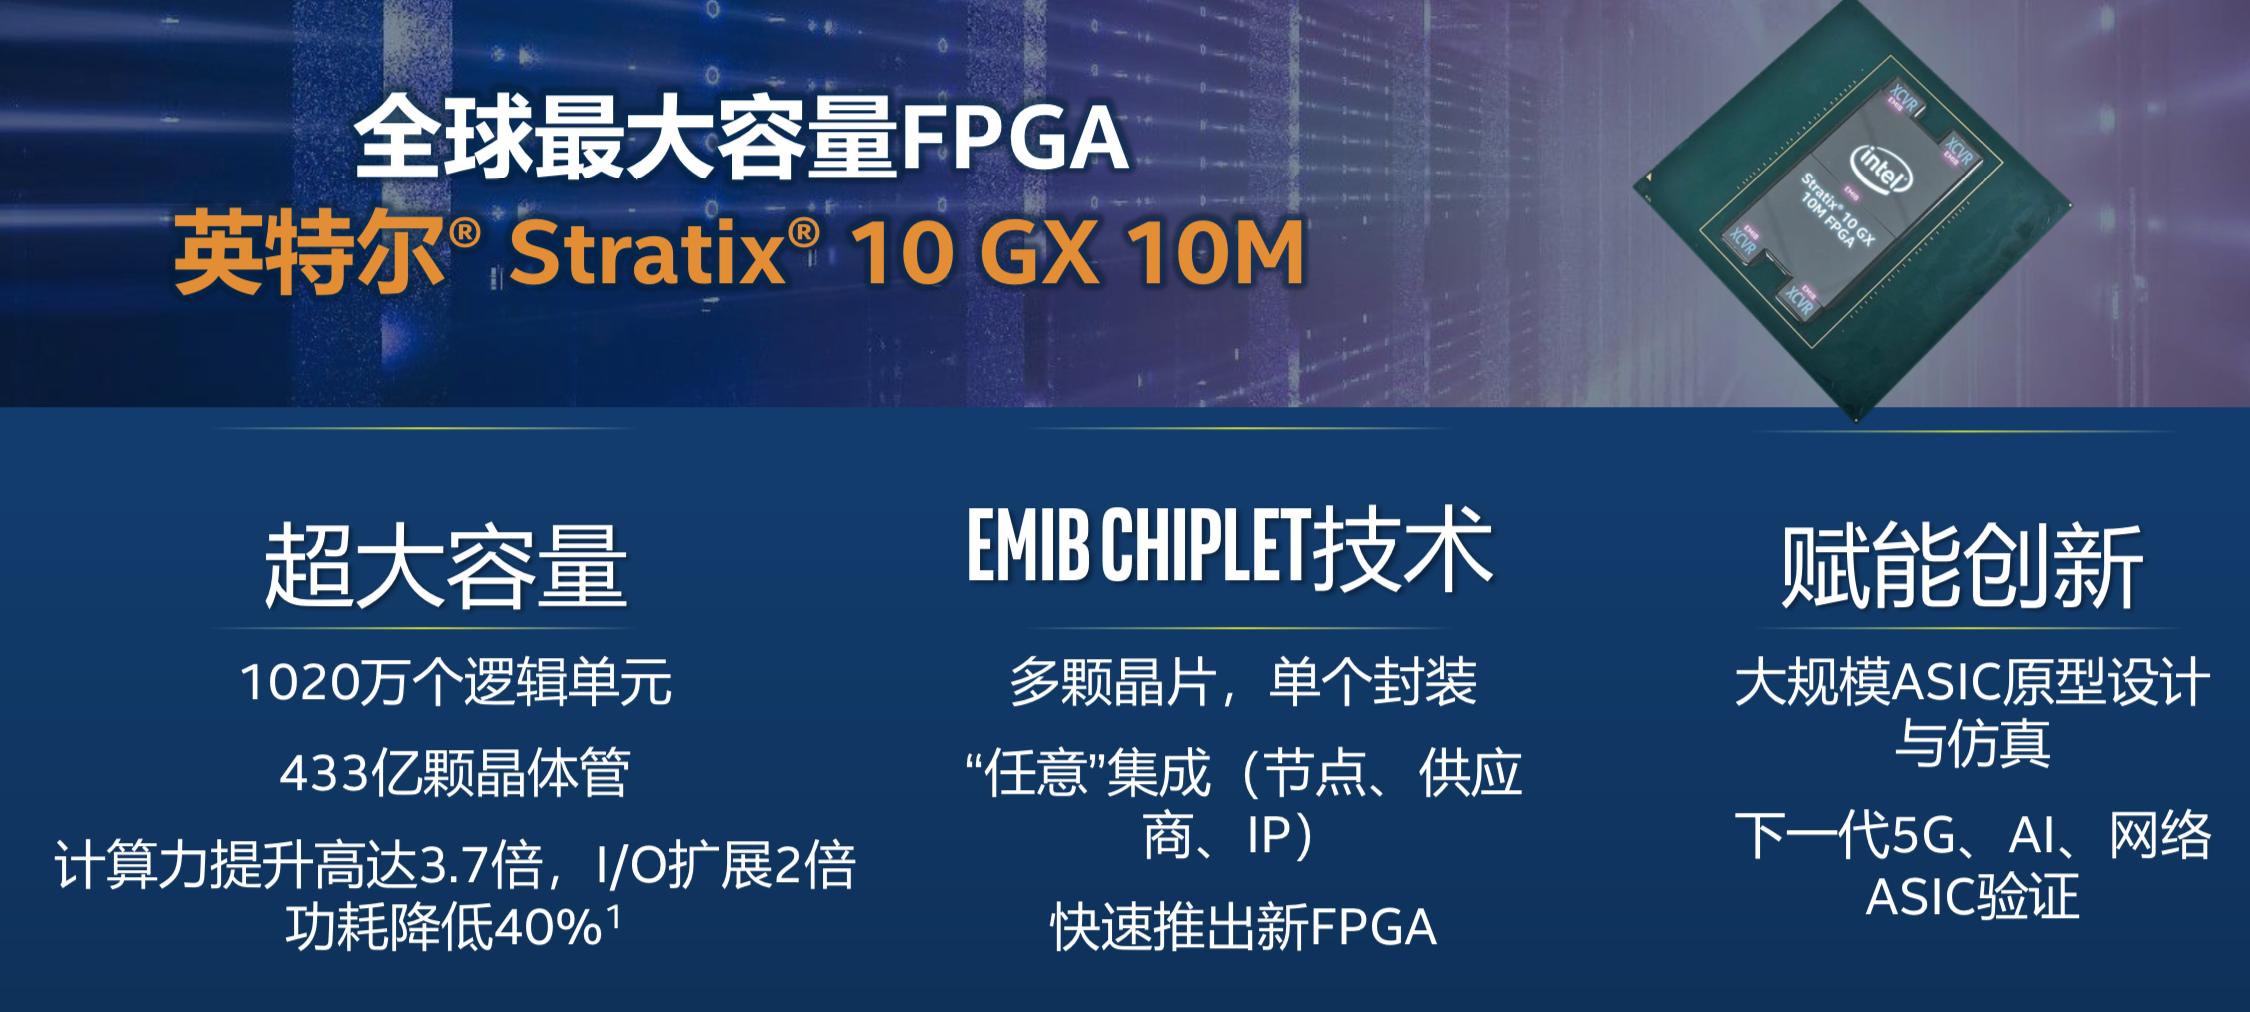 硝烟再起!高端FPGA彩神争霸8大发快三技巧?